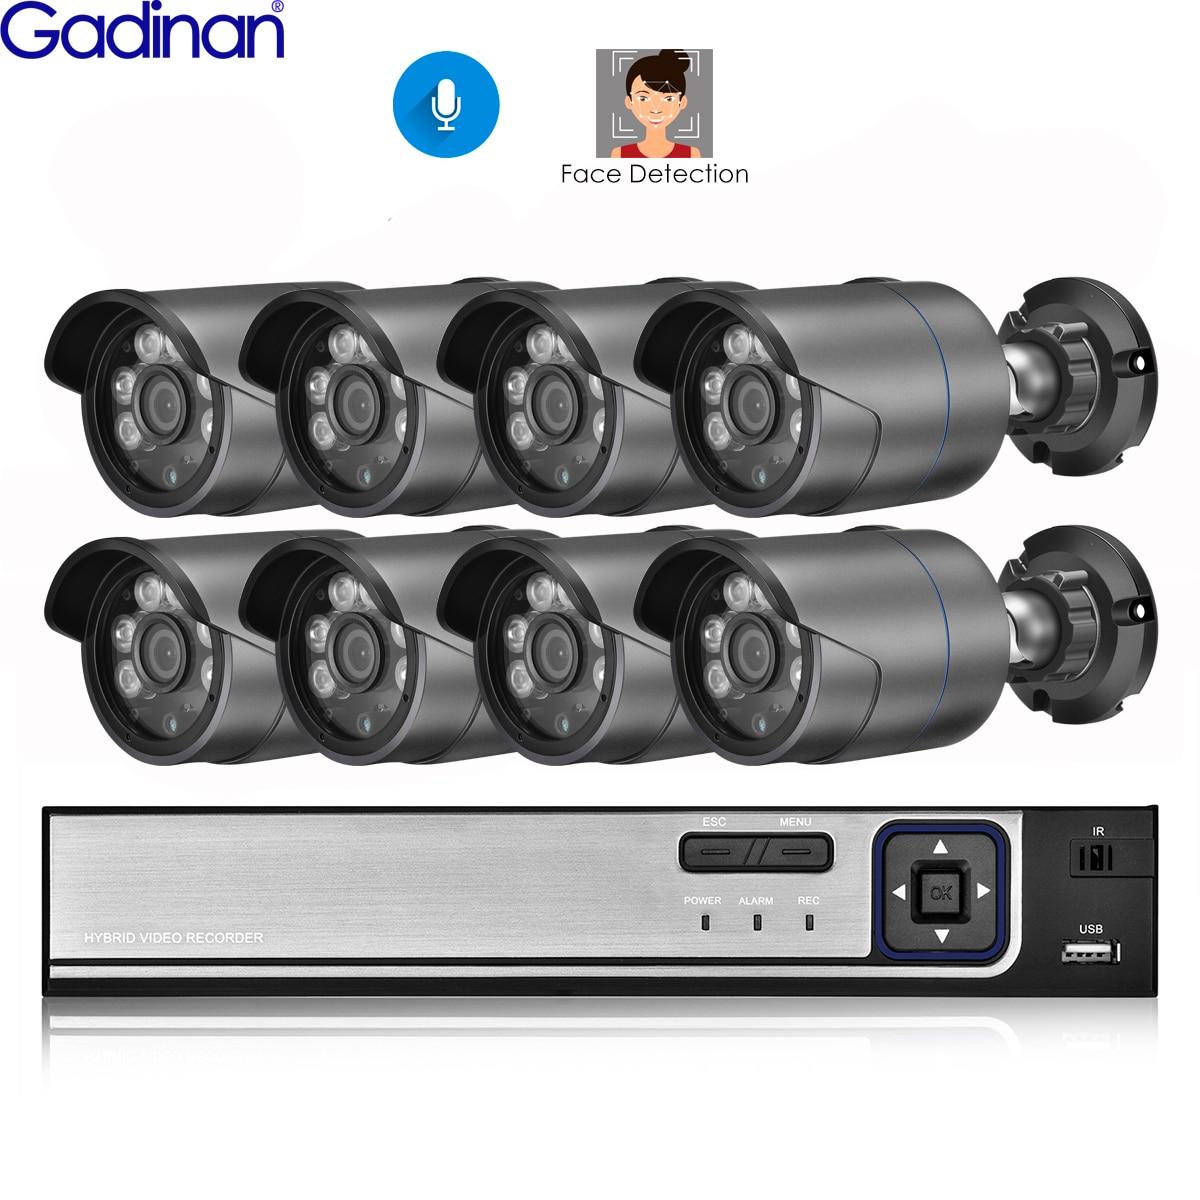 نظام أمن الفيديو من الأداة inan 4CH 8CH POE بدقة 4 ميجابكسل 5 ميجابكسل صوت خارجي مانع لتسرب الماء والرؤية الليلية كاميرا IP مجموعة كاميرات مراقبة الشو...